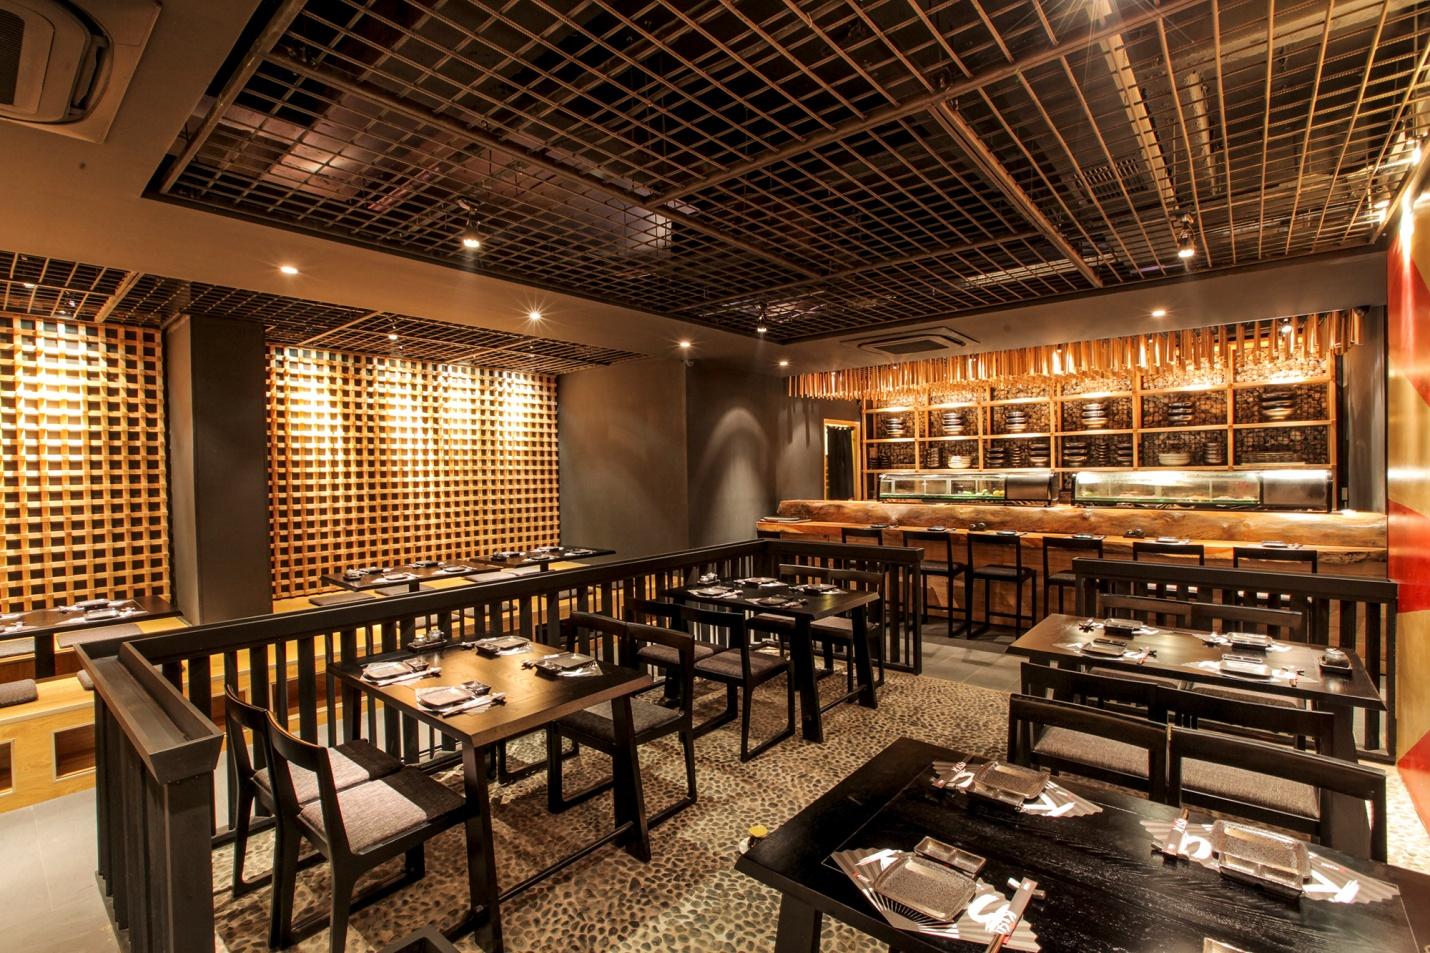 Nhà hàng tre trúc phong cách Nhật Bản